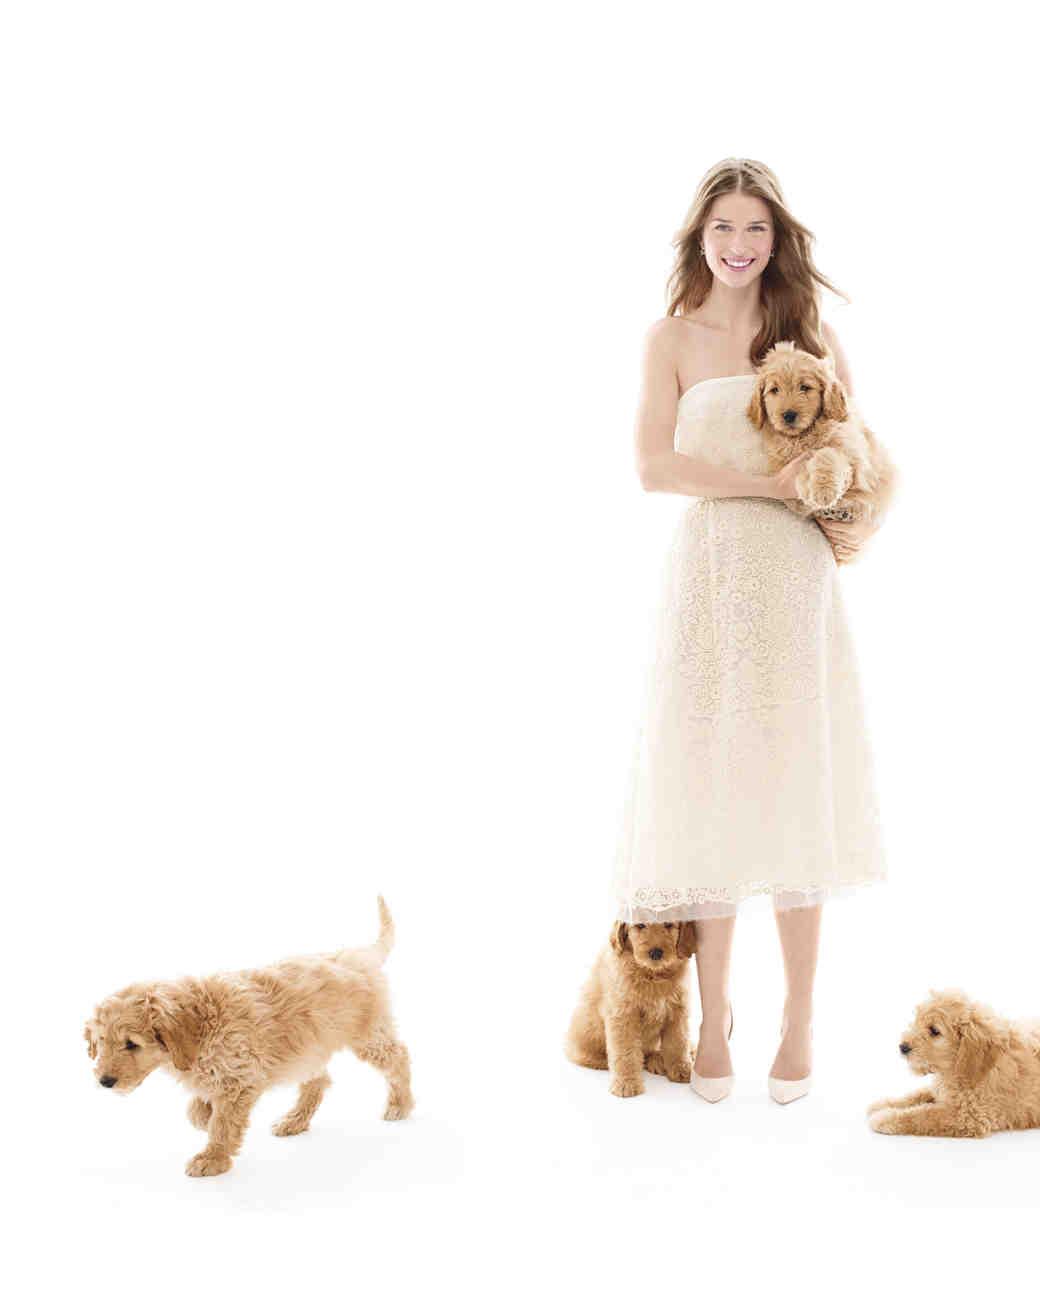 puppies-wedding-dress-124-d111904-comp.jpg